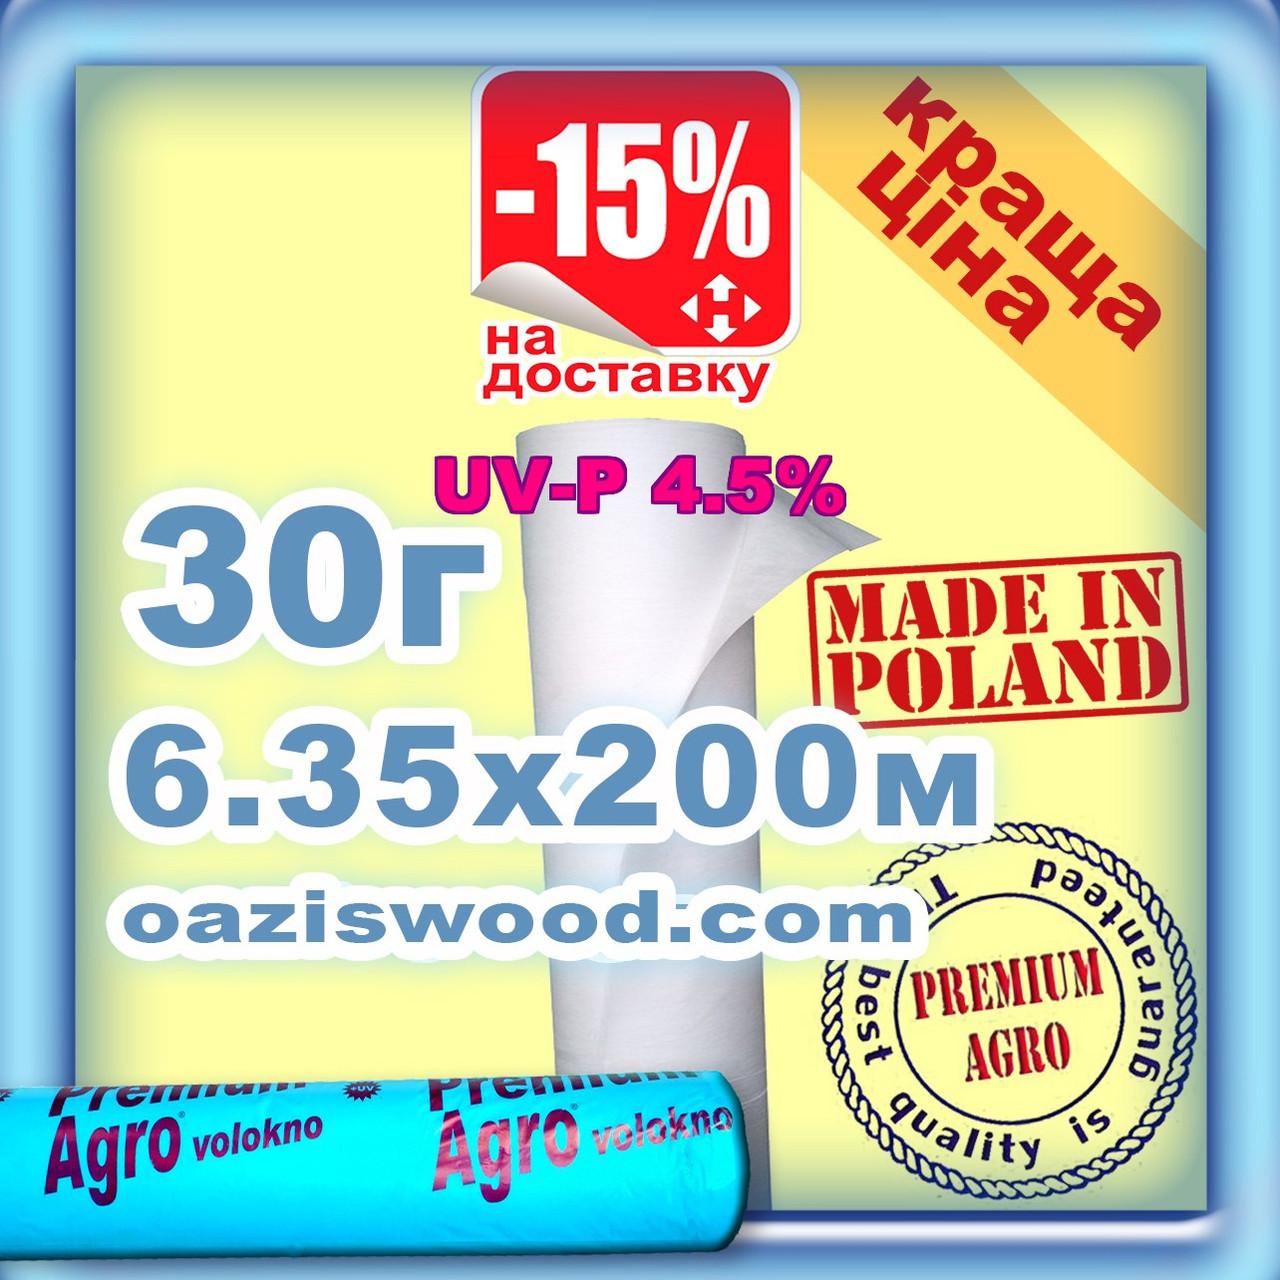 Агроволокно р-30g 6.35*200м белое UV-P 4.5% Premium-Agro Польша